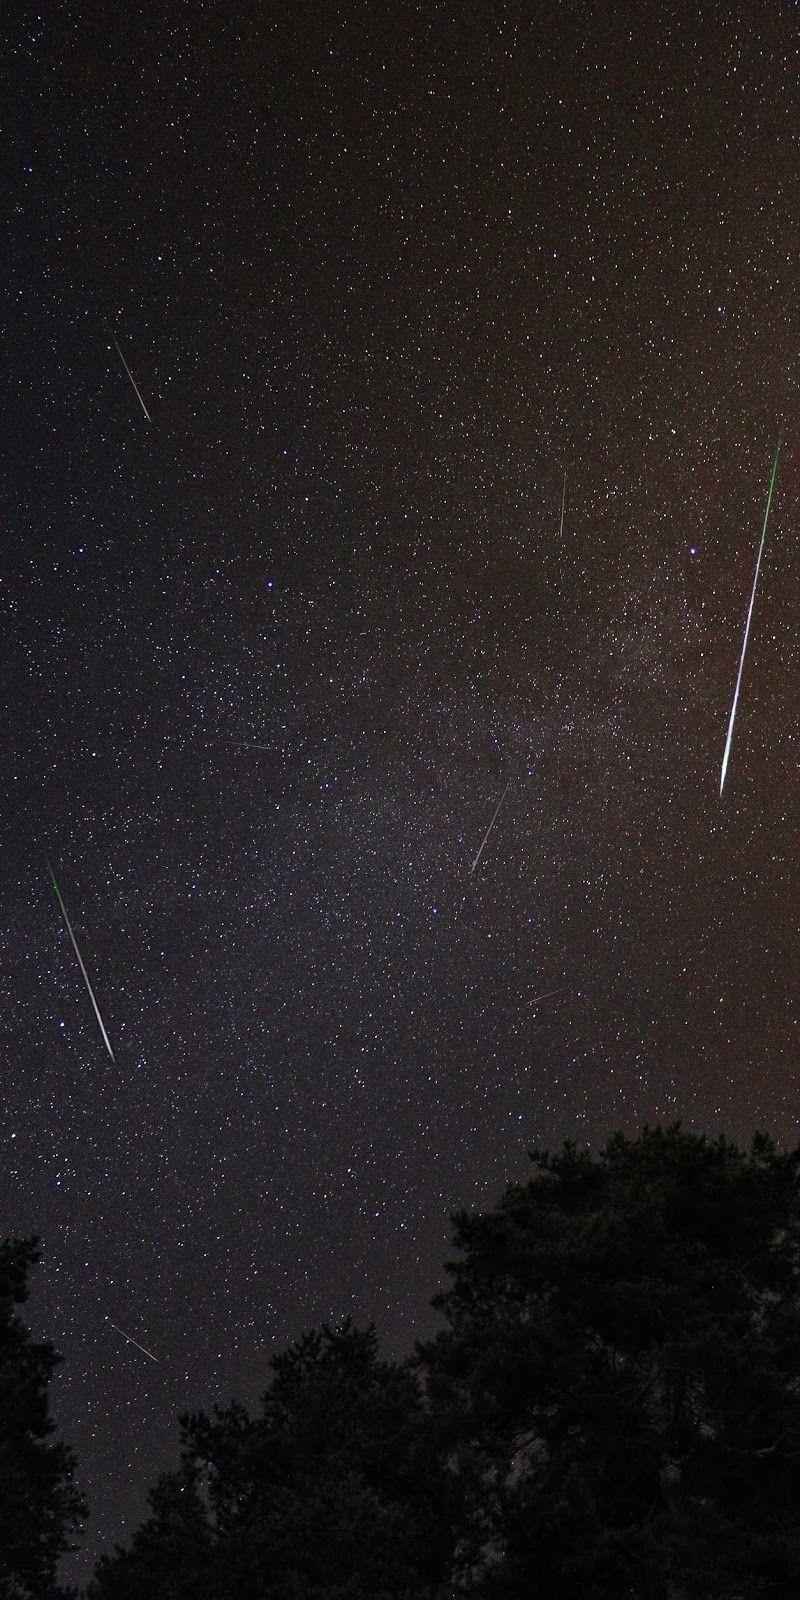 Star Fall 2020 Gece Gokyuzu Goruntuleri Meteor Yagmuru Resimler